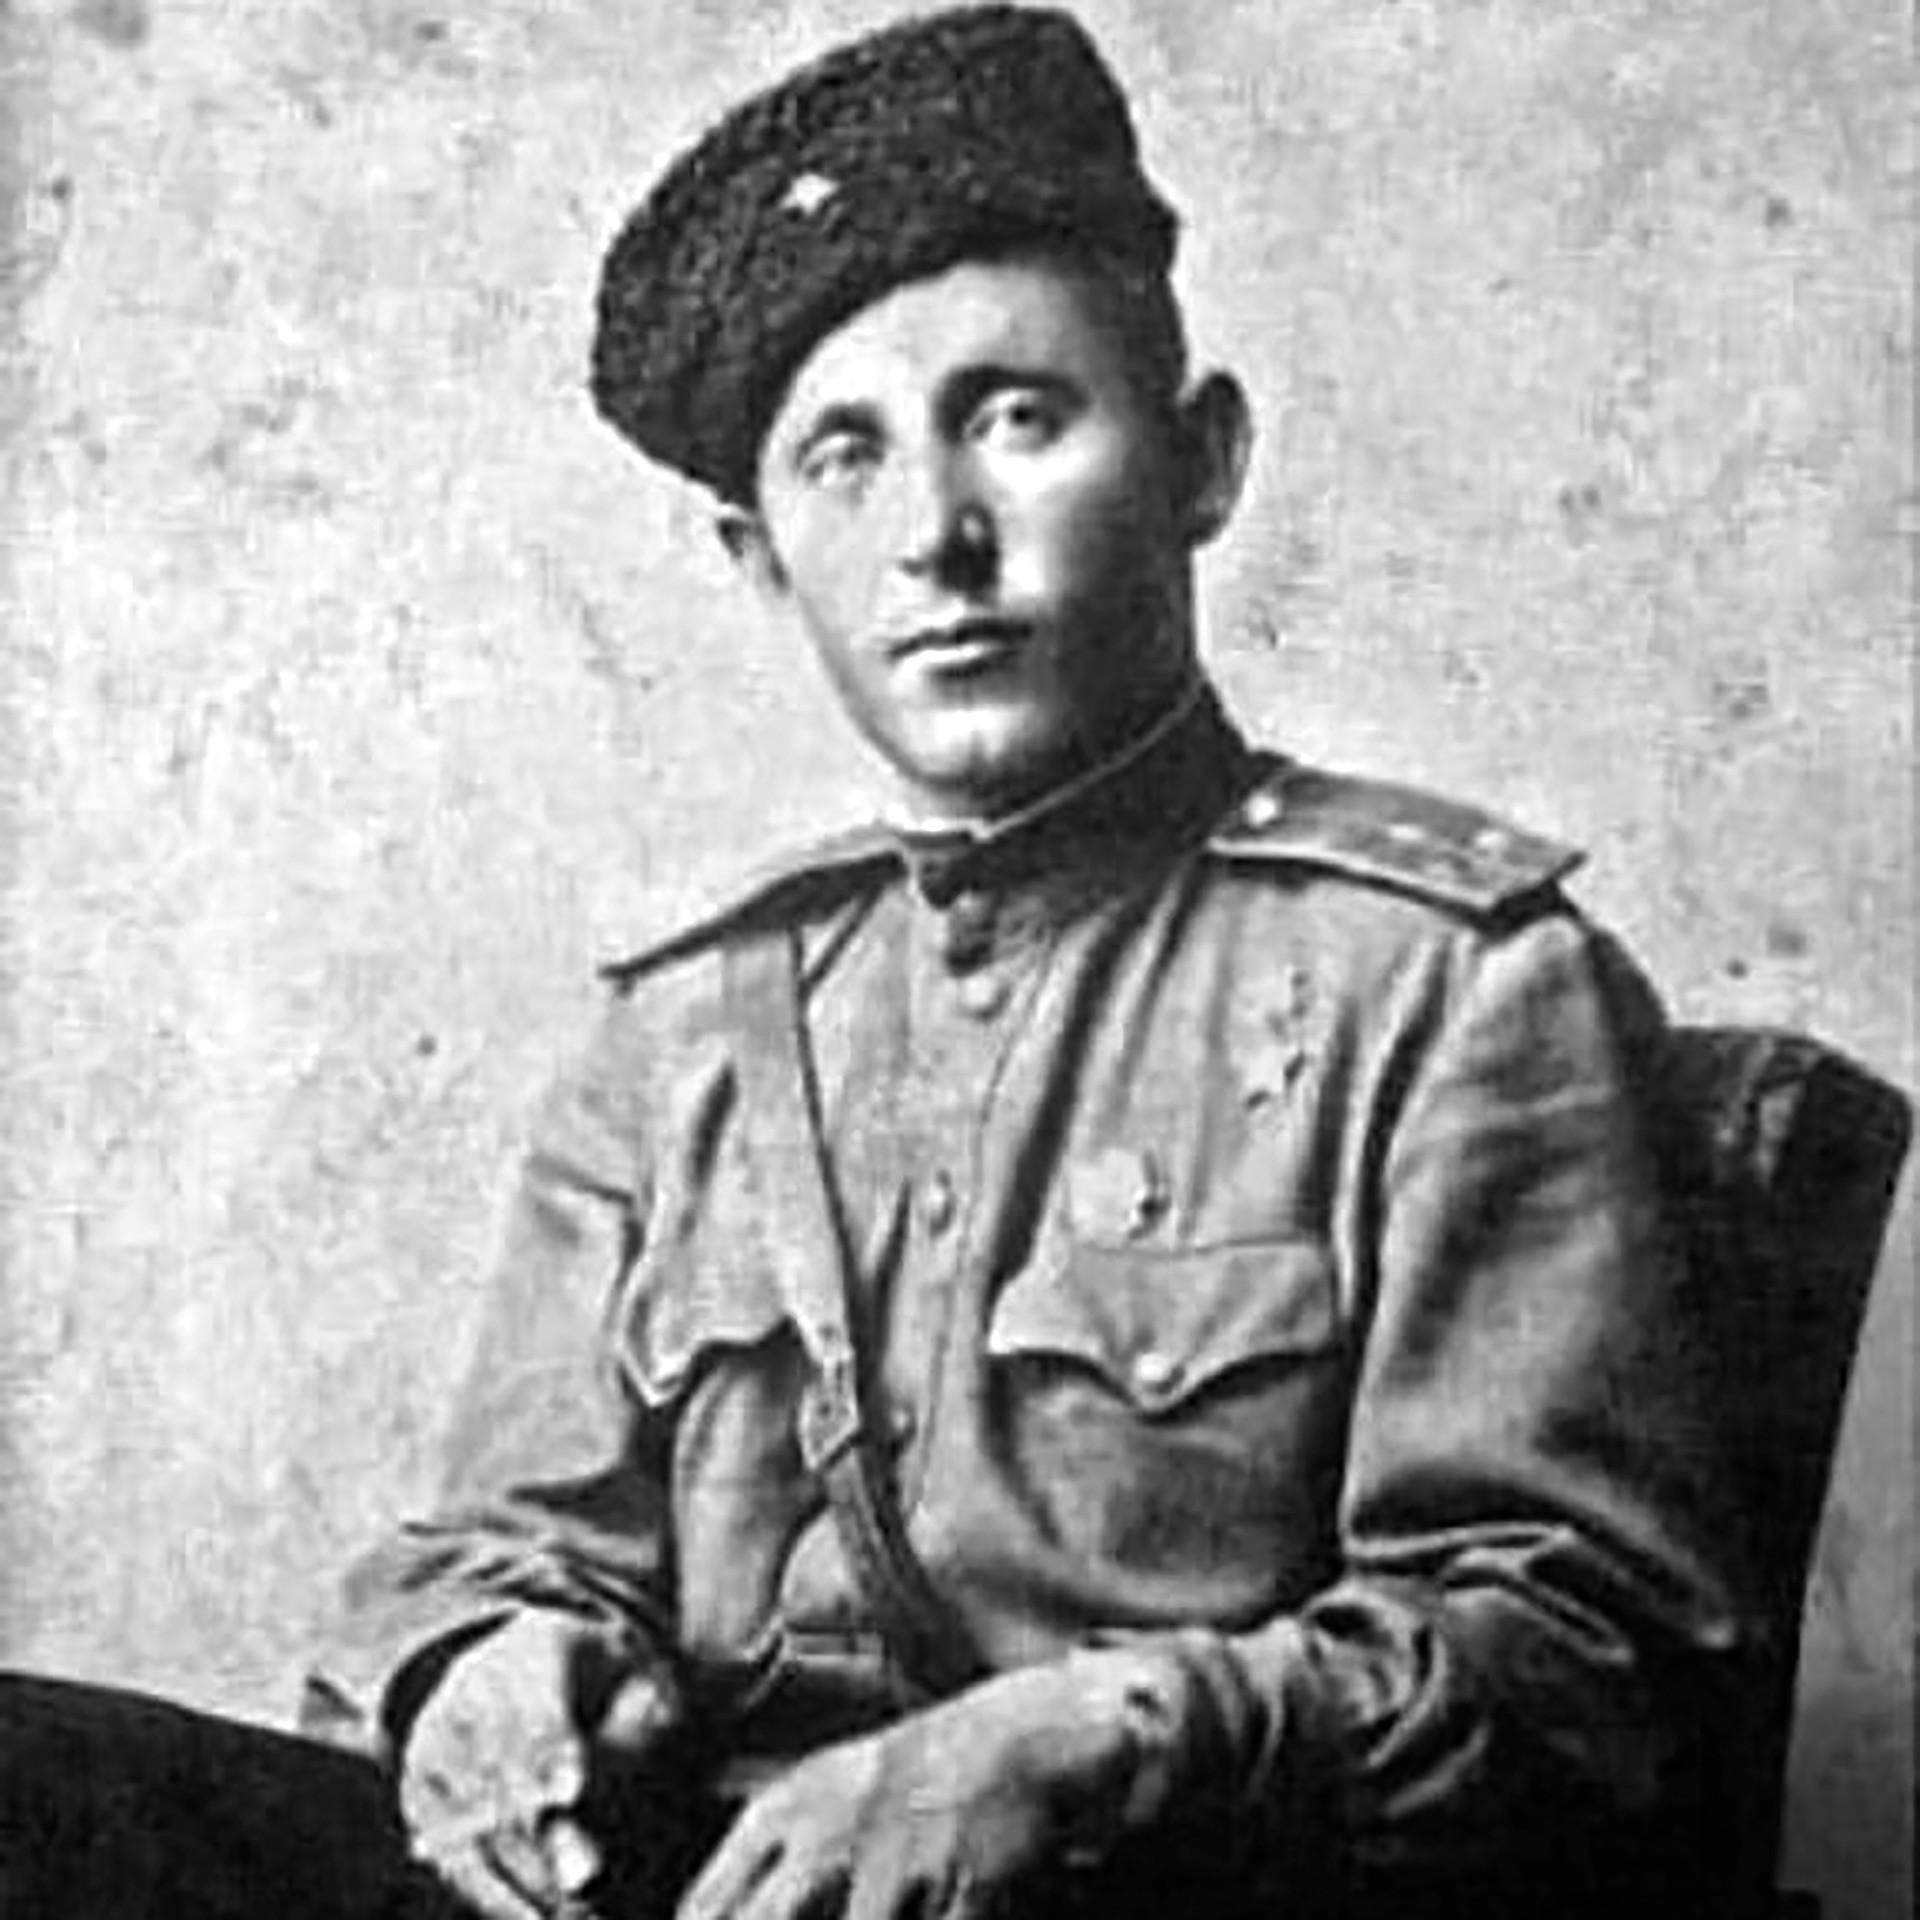 Ivan Sereda